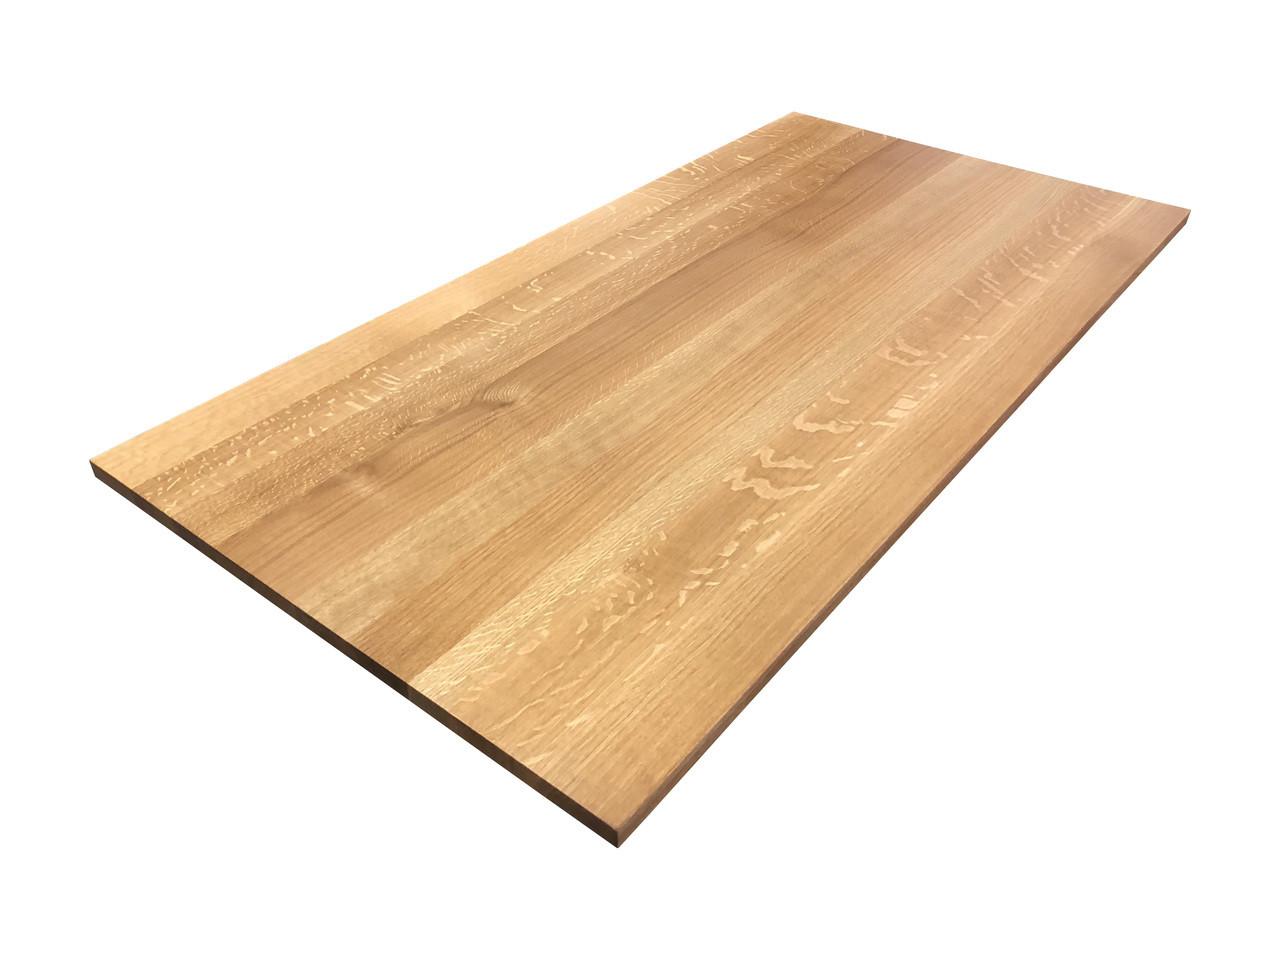 quartersawn white oak desk top customize order online. Black Bedroom Furniture Sets. Home Design Ideas